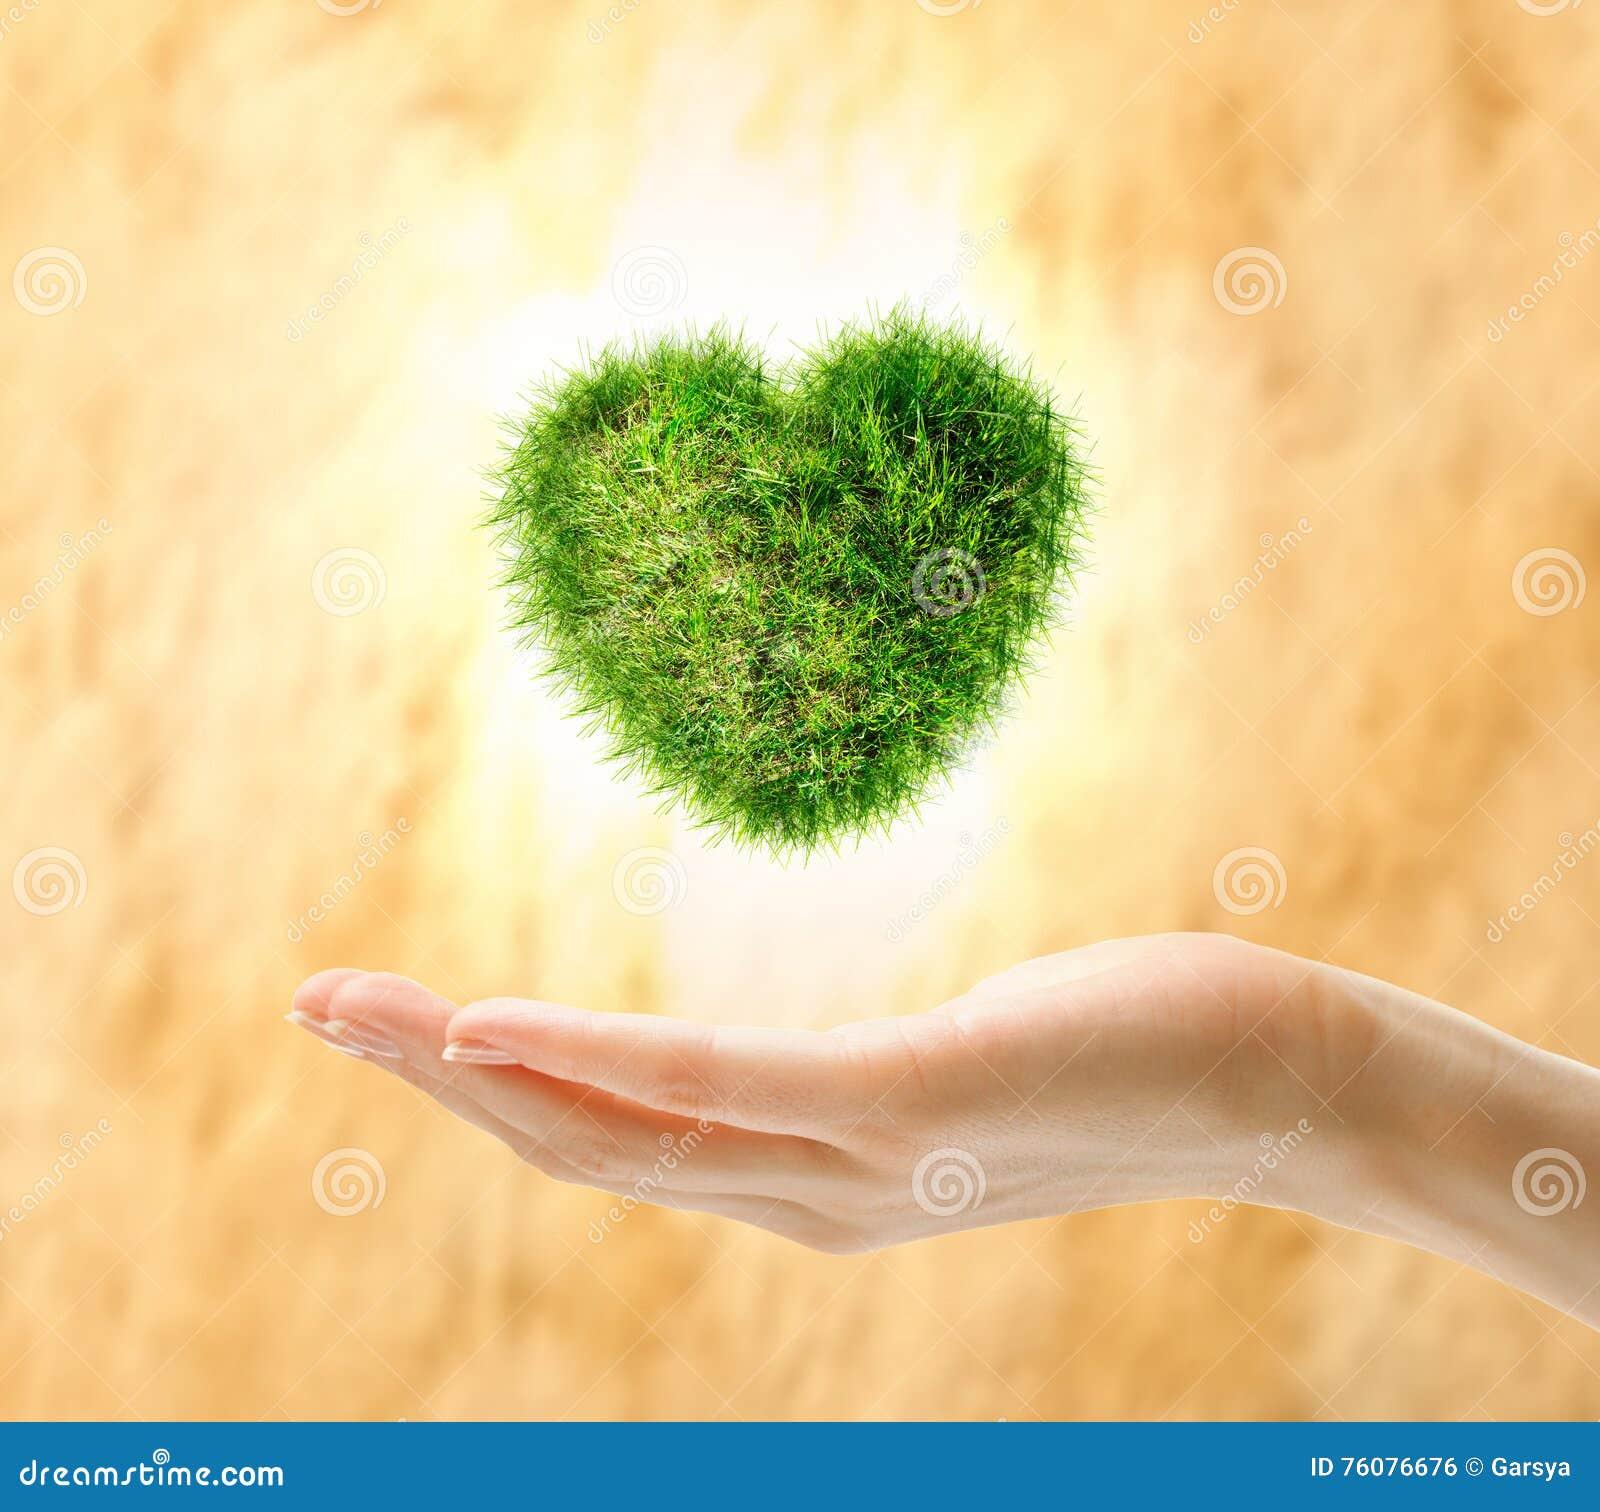 Coeur fait en herbe verte en main